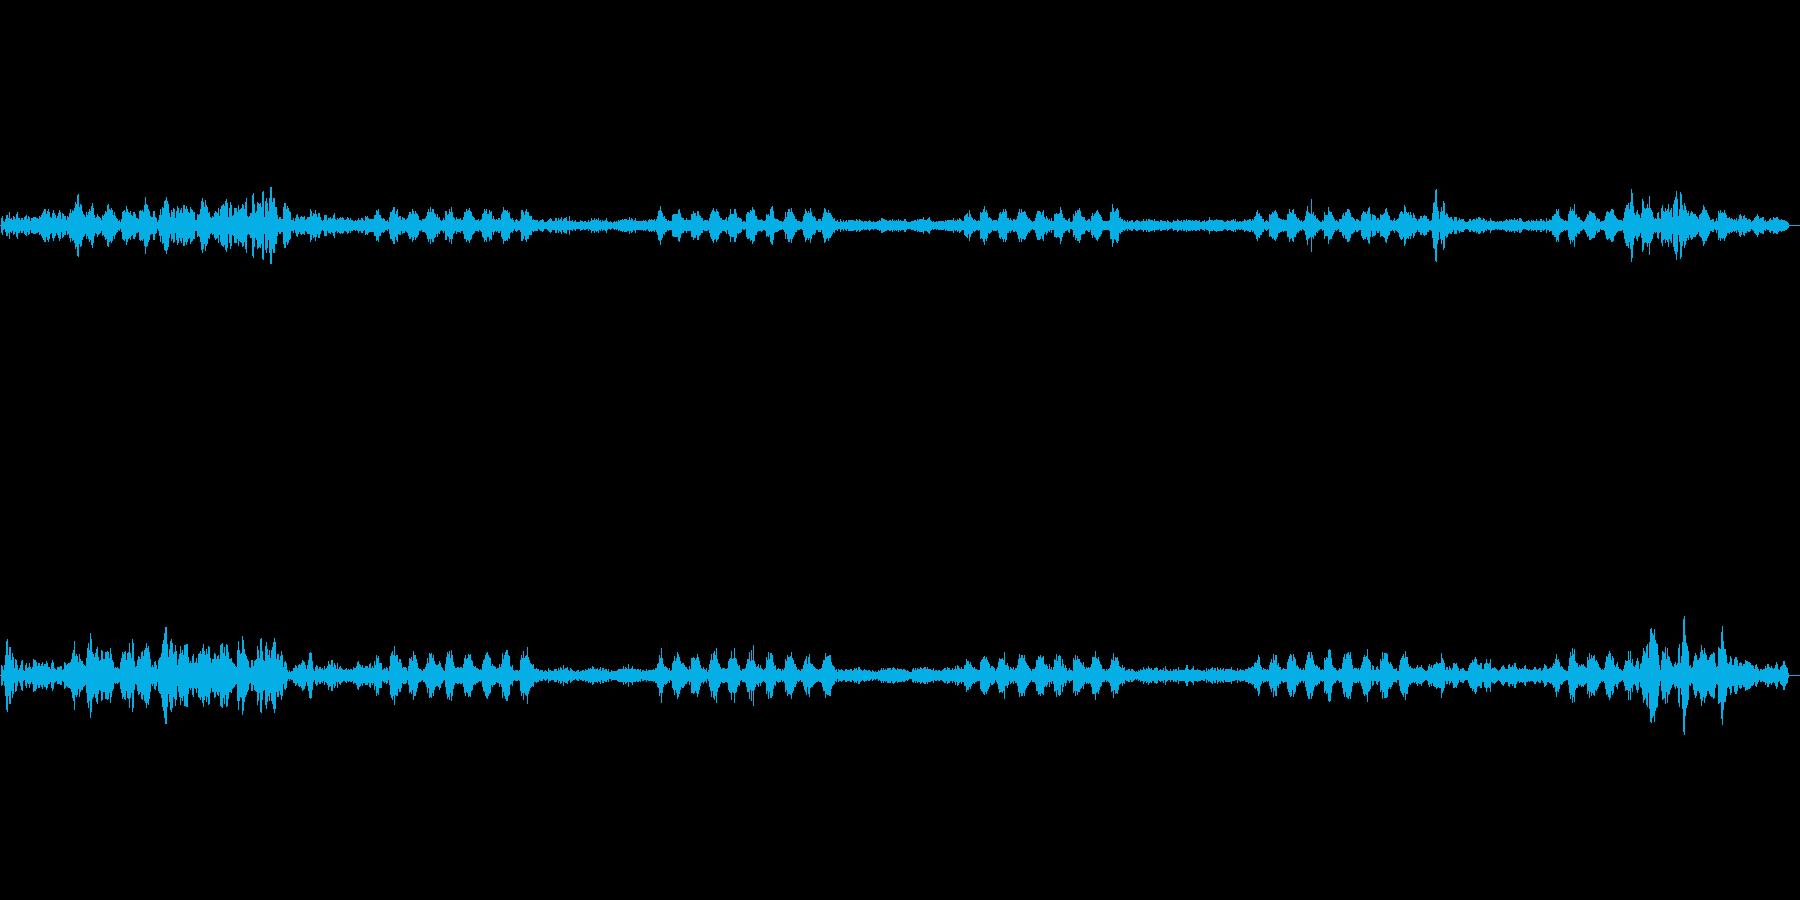 秋の虫の声が続く効果音の再生済みの波形